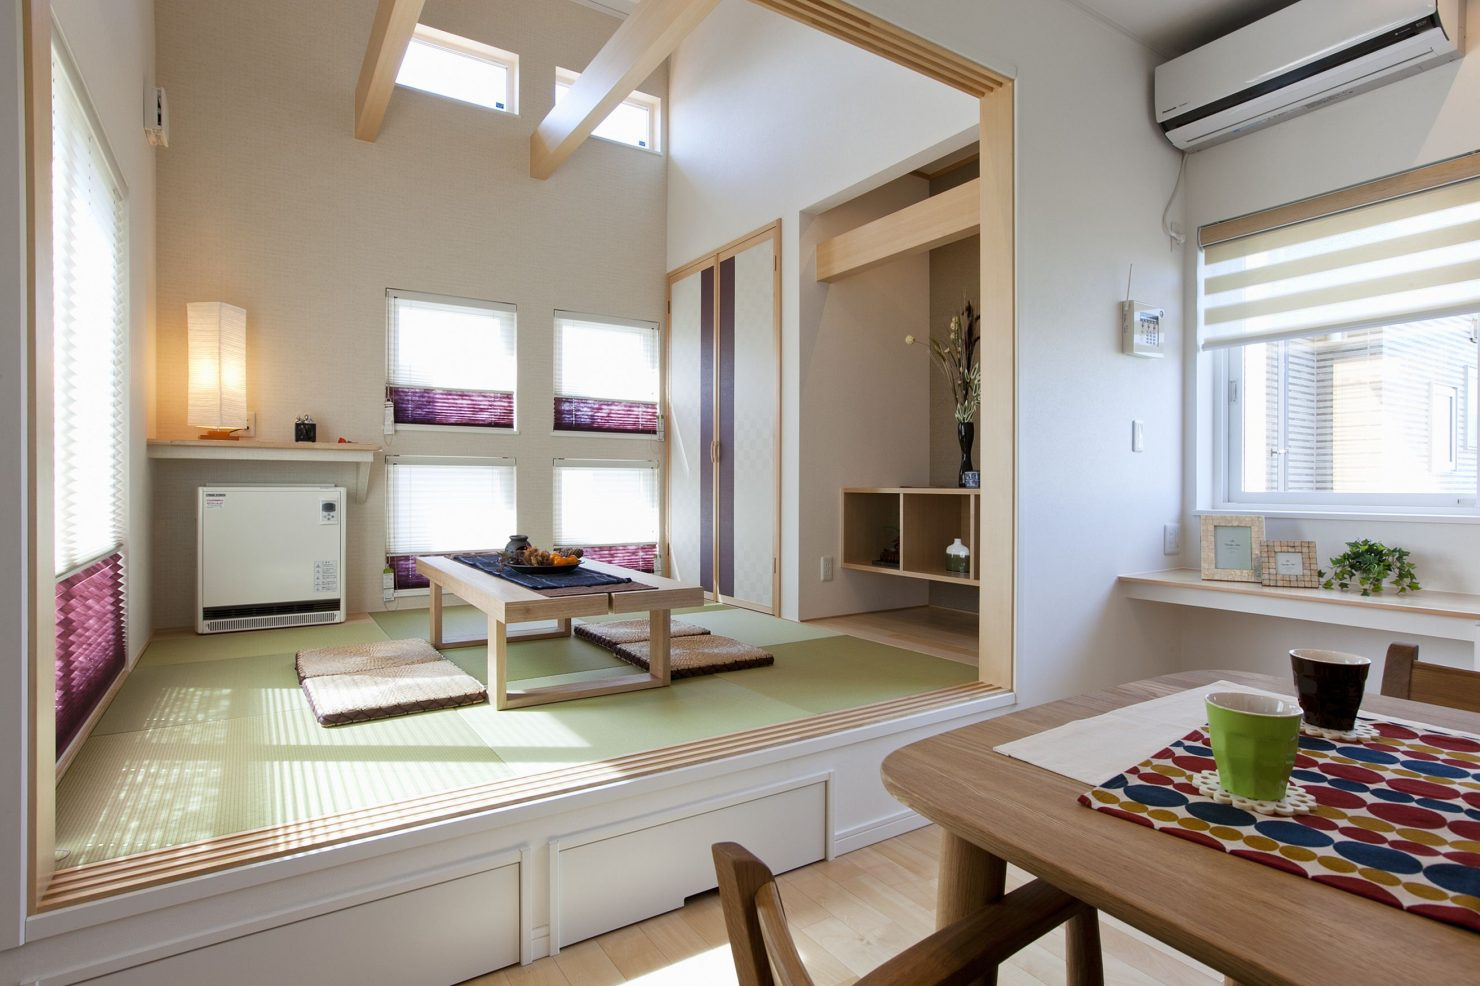 ハウスM21「家族との楽しい時間、読書や一人の時間も大切にできるプランニング」和室写真